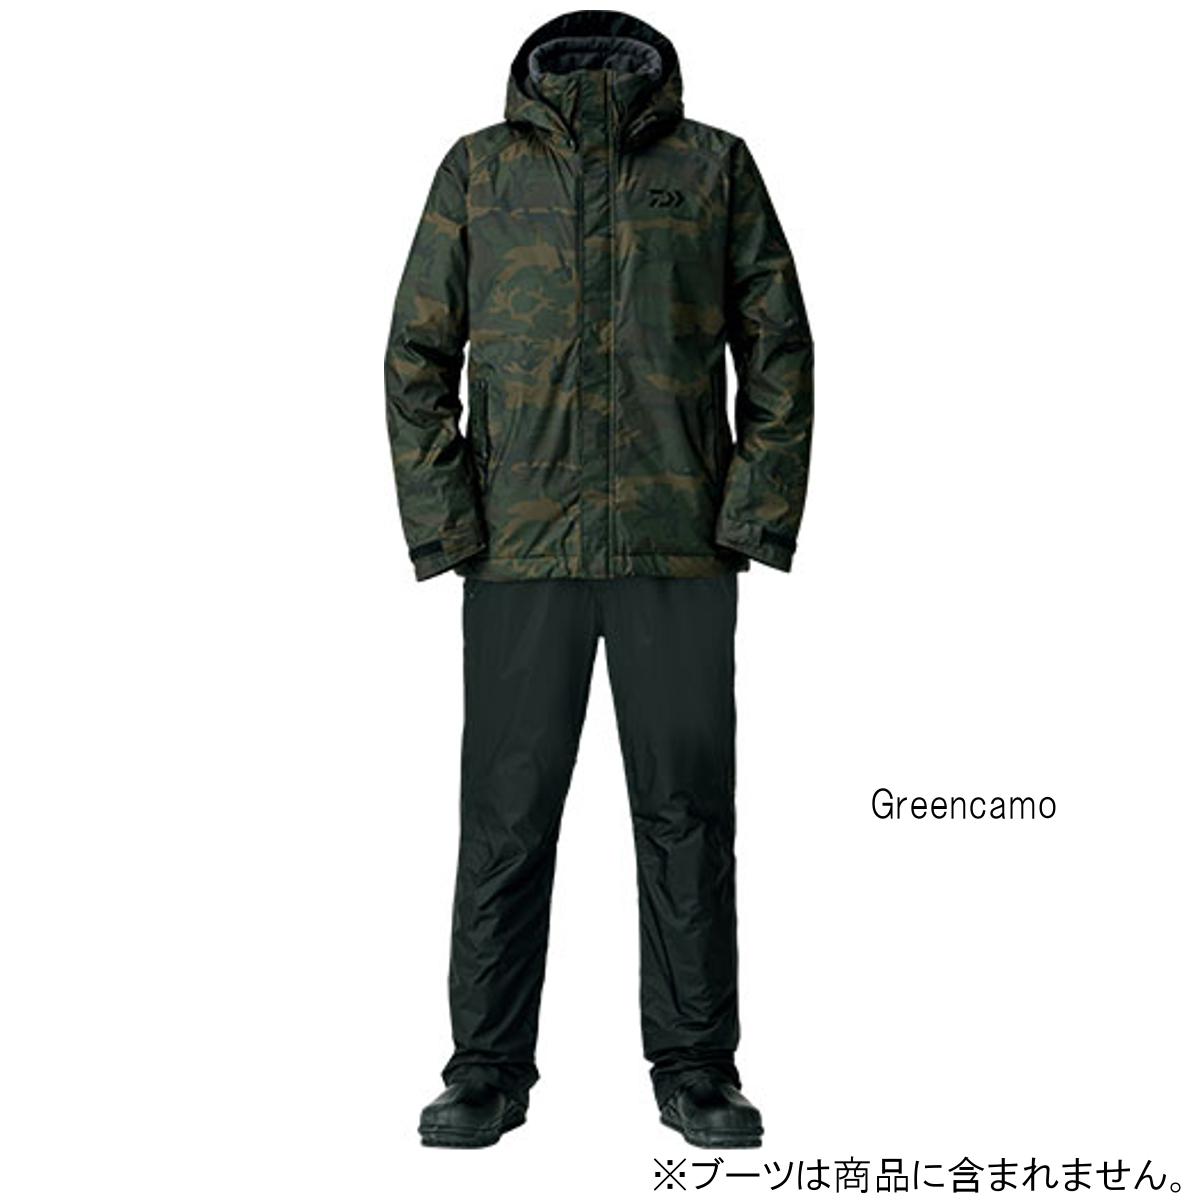 ダイワ レインマックス ウィンタースーツ DW-35008 L Greencamo(東日本店)